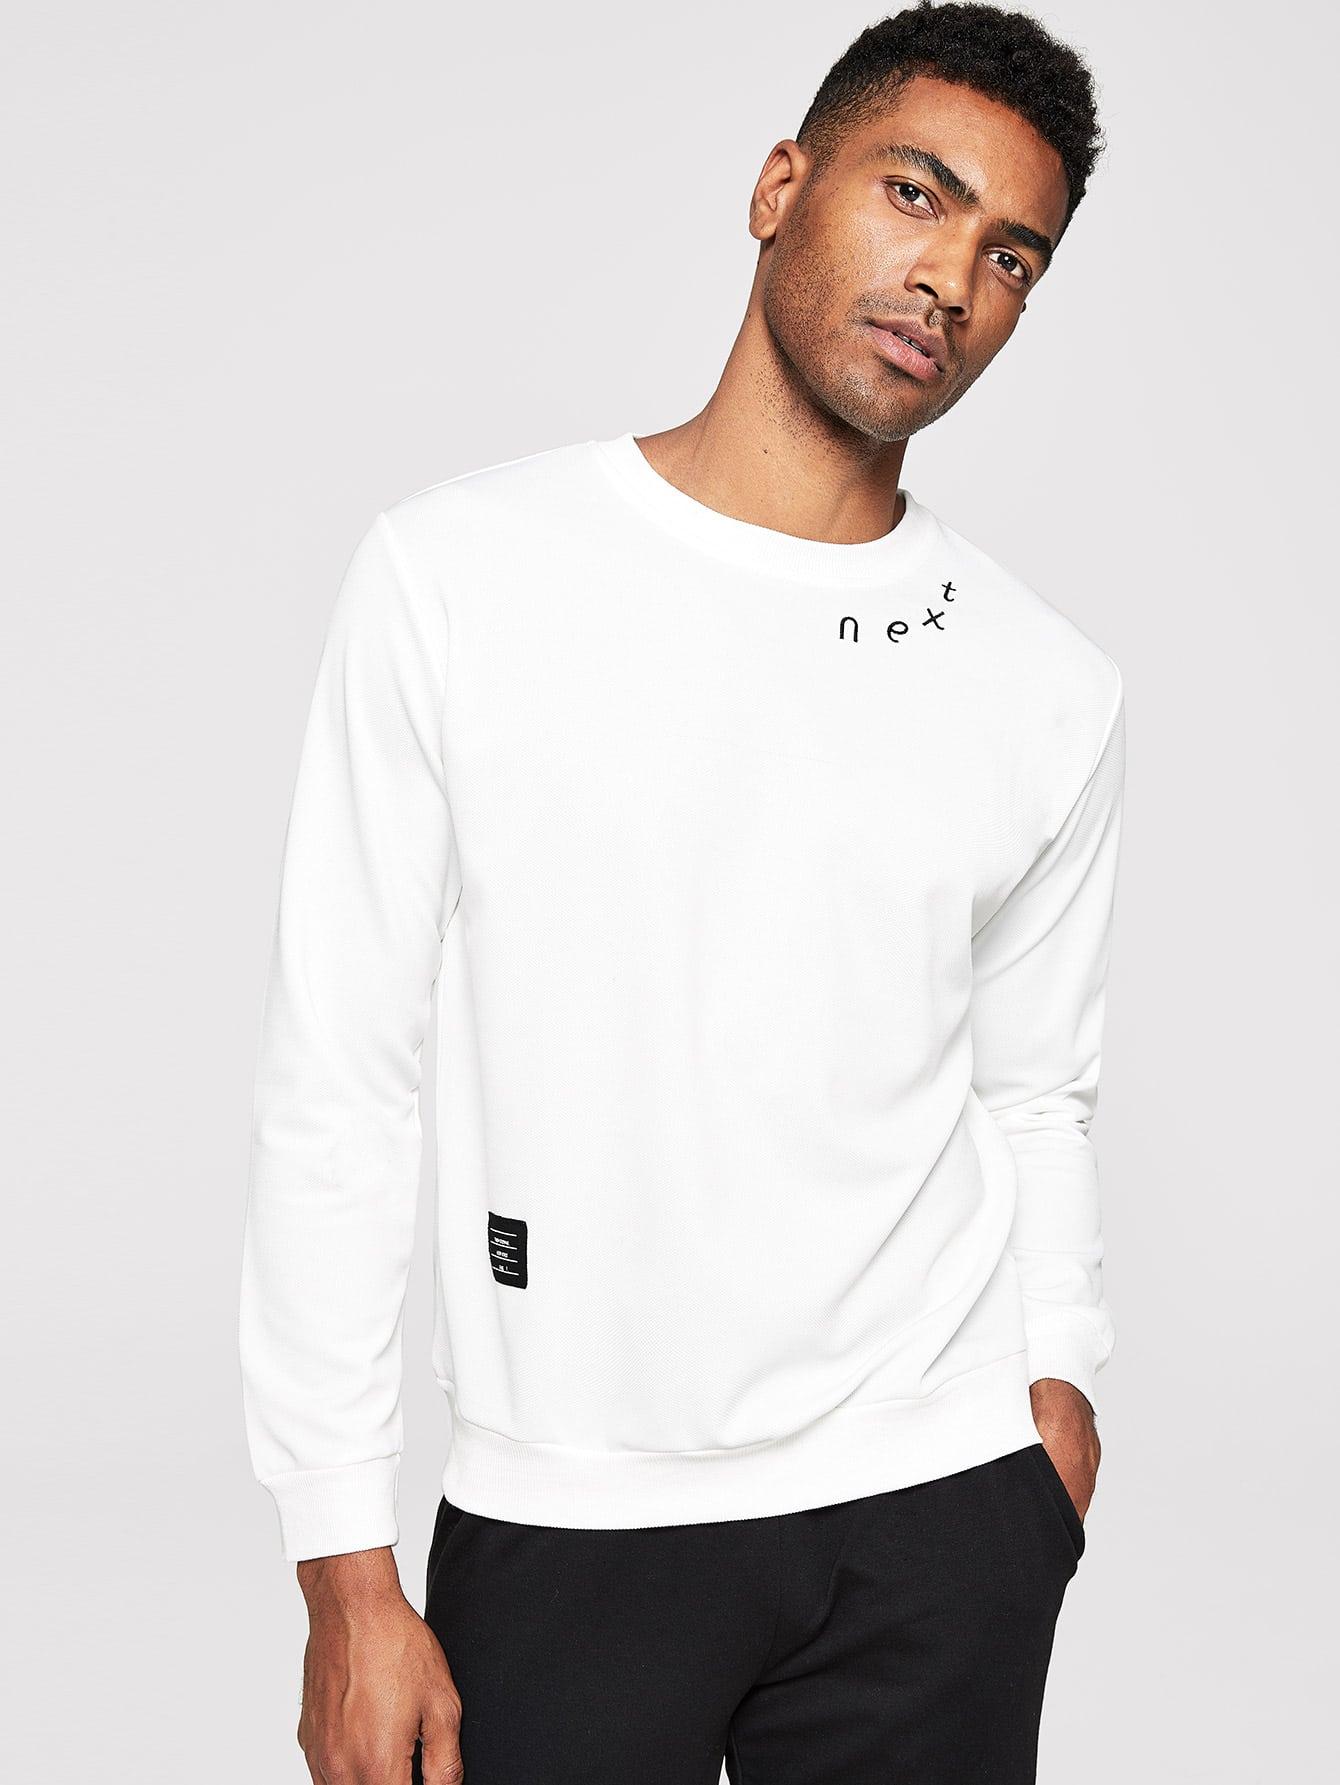 Купить Мужская футболка с вышивкой, Johnn Silva, SheIn